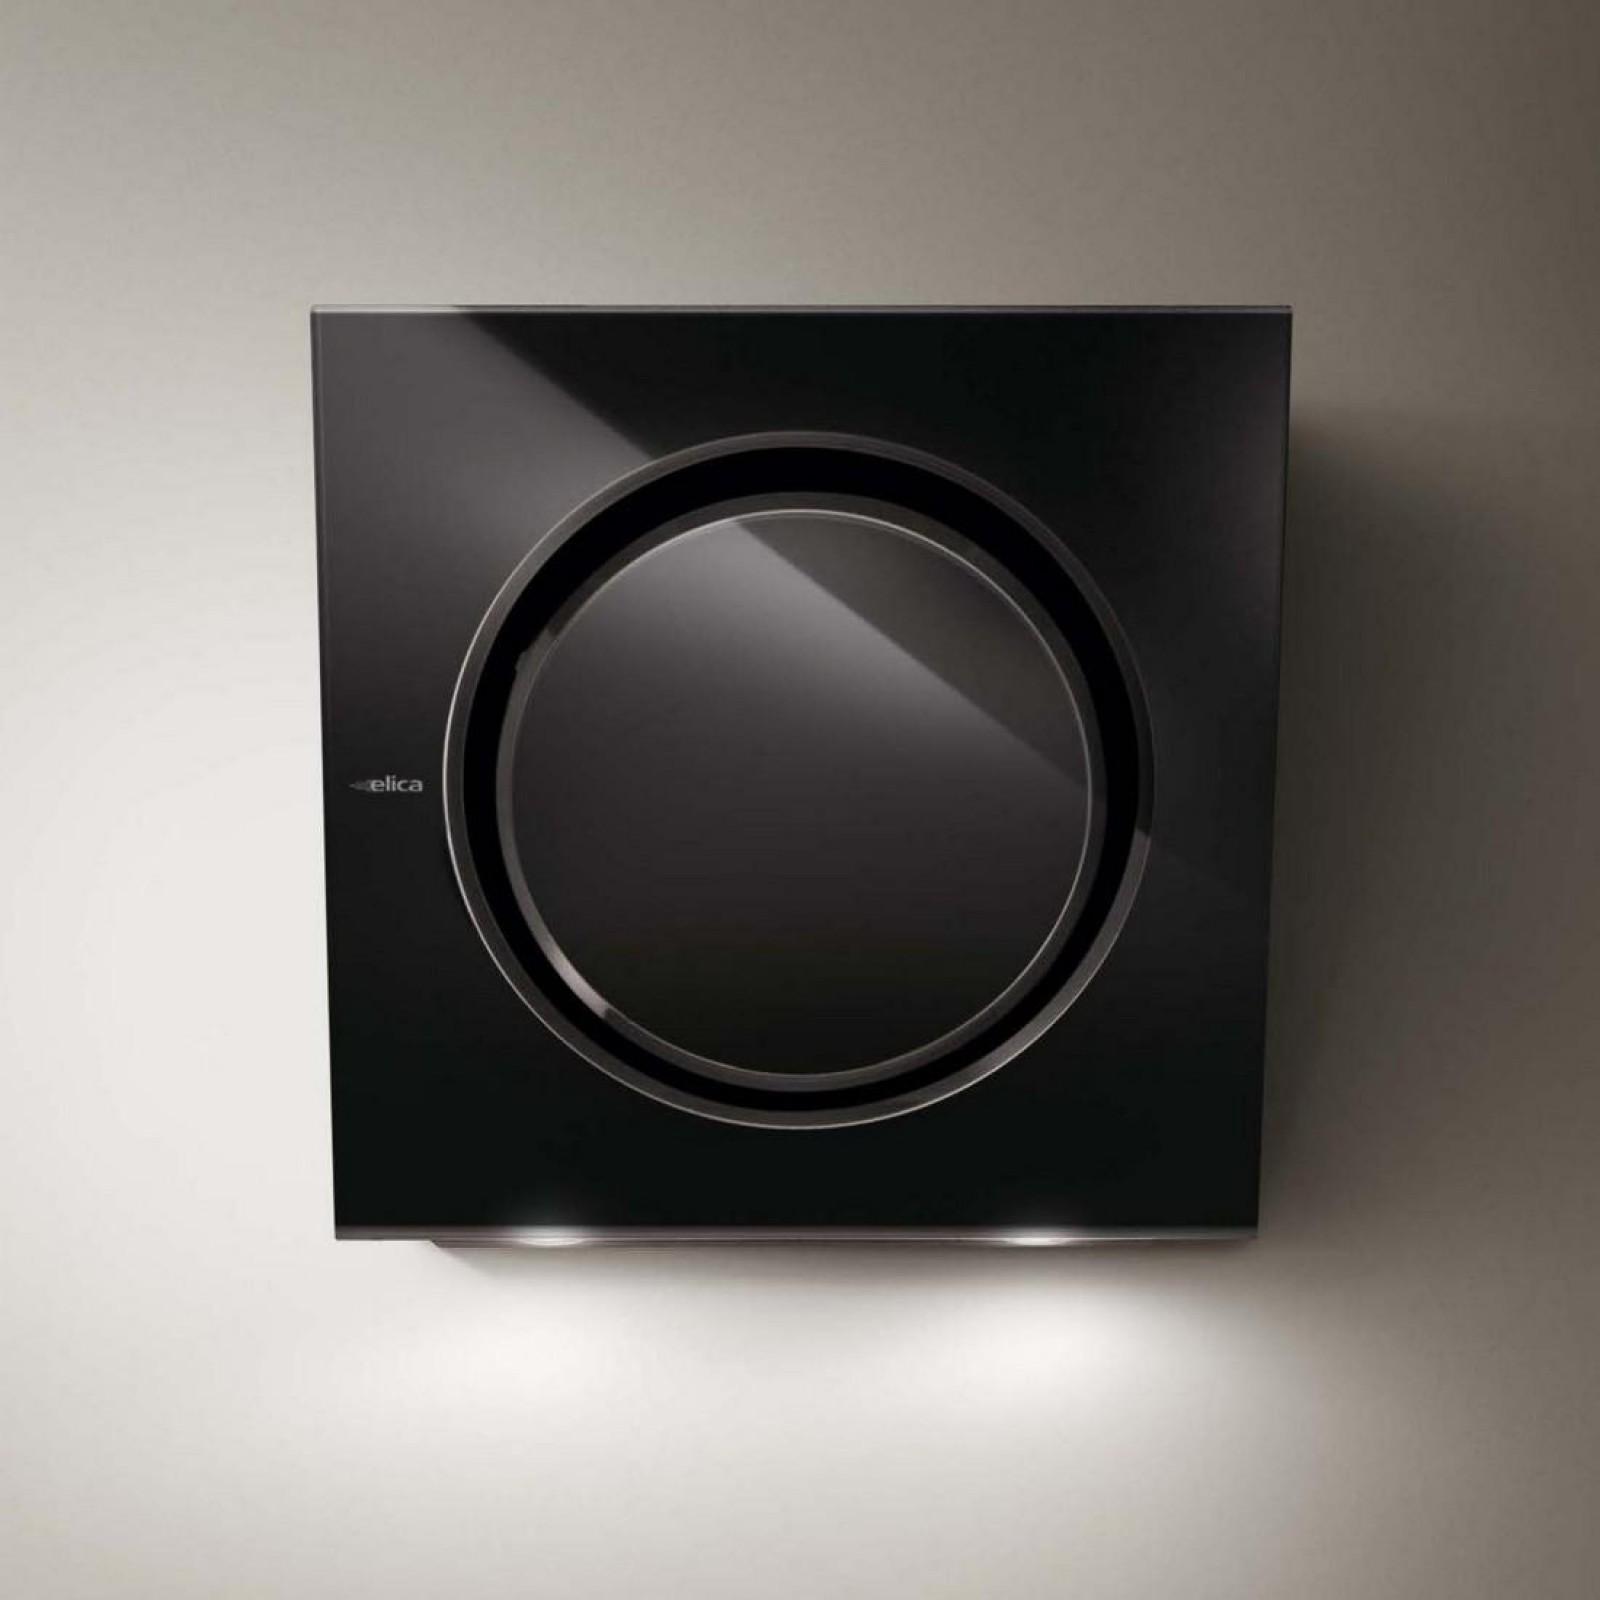 Απορροφητήρας Κουζίνας Τοίχου Mini Om - Elica